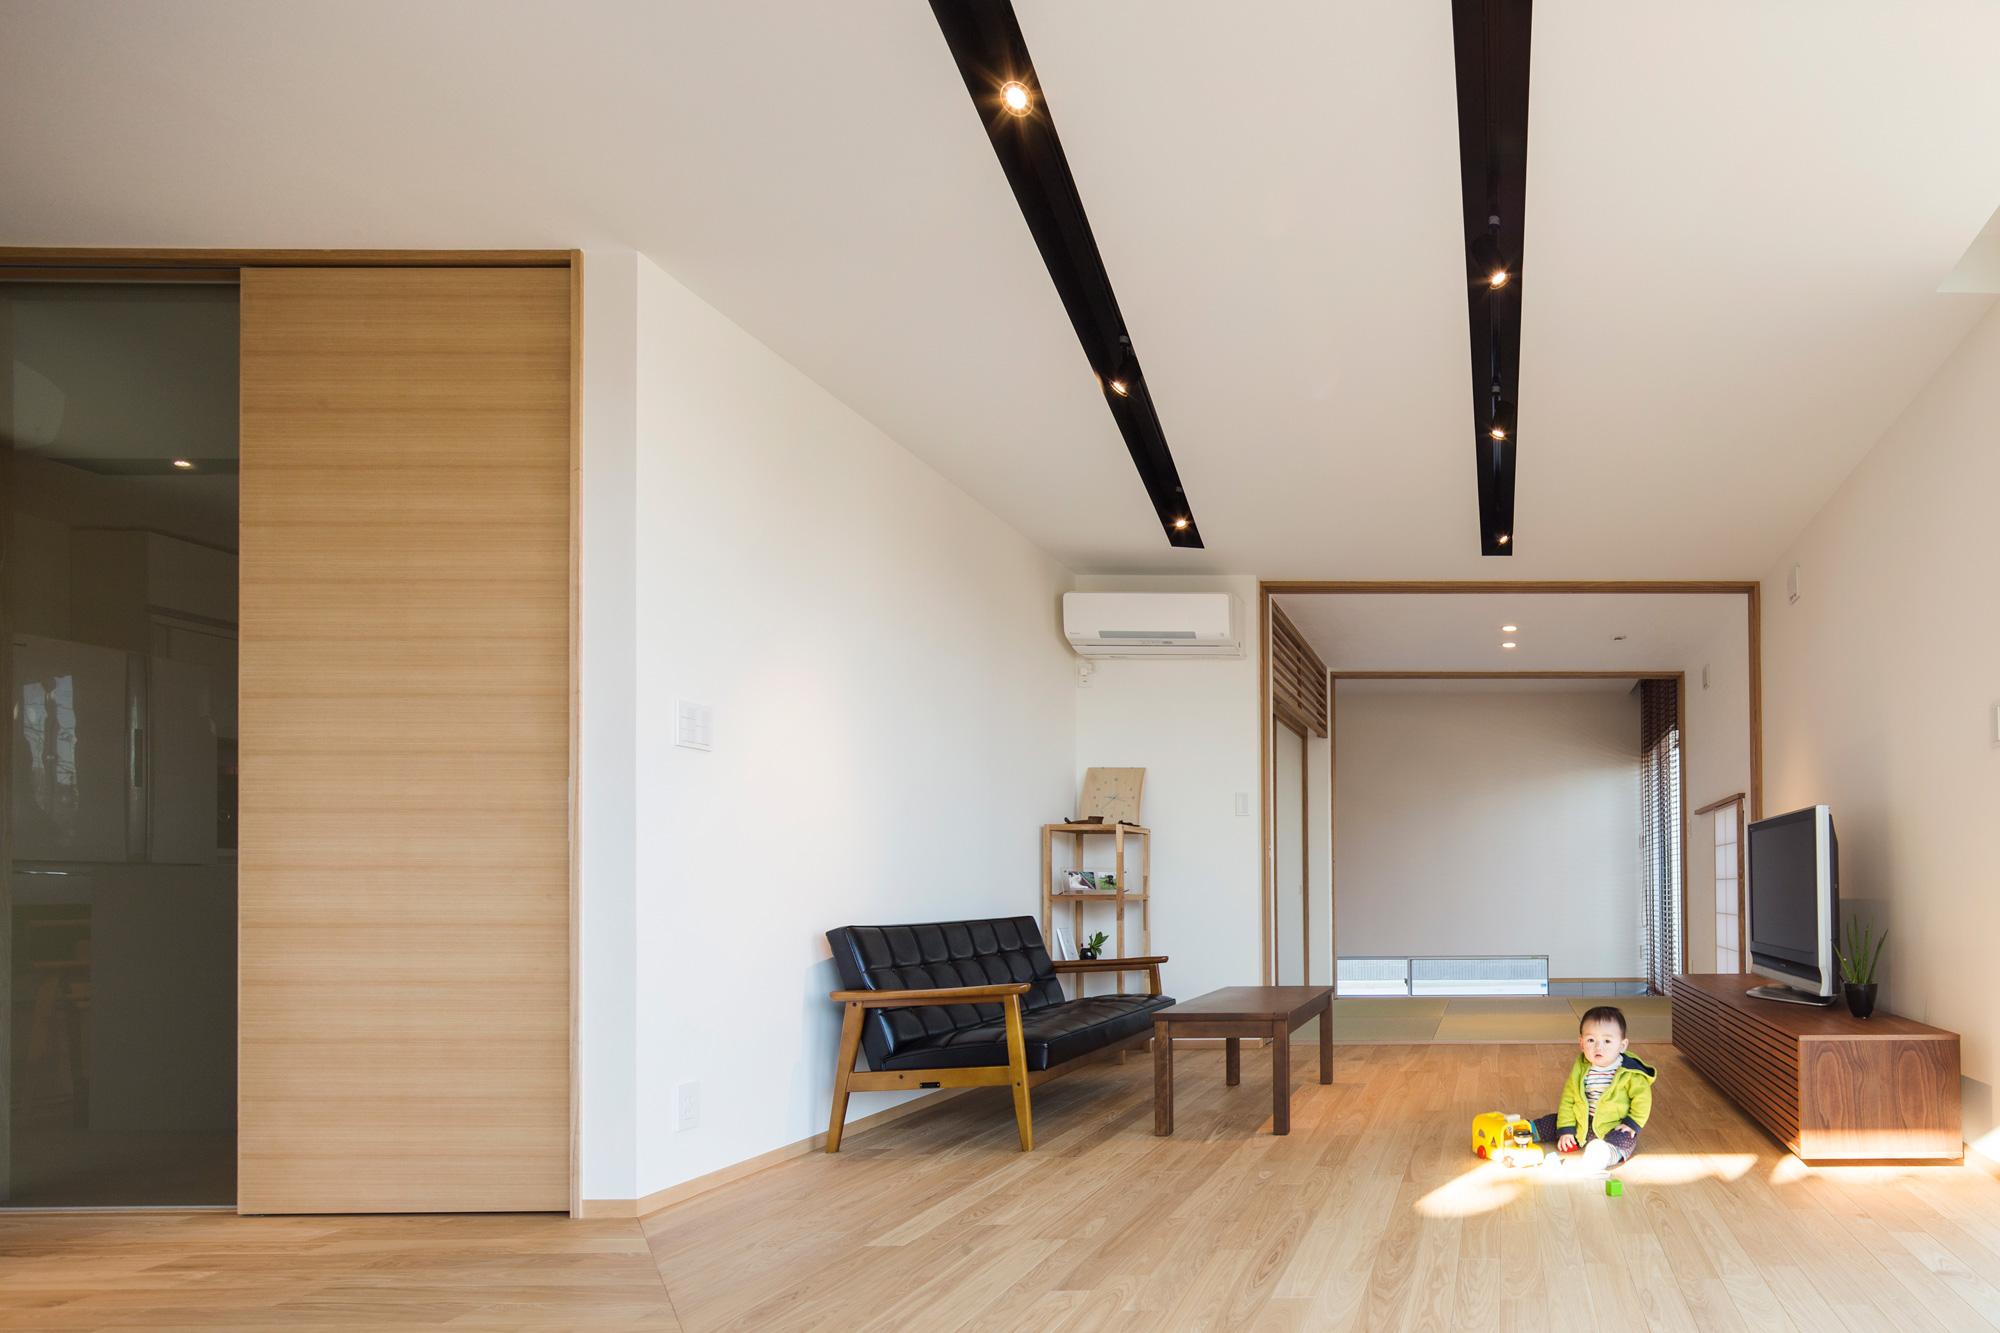 リビングダイニングから和室を見通す: 和室のさらに奥には土間があり、「回遊」できる空間となっています